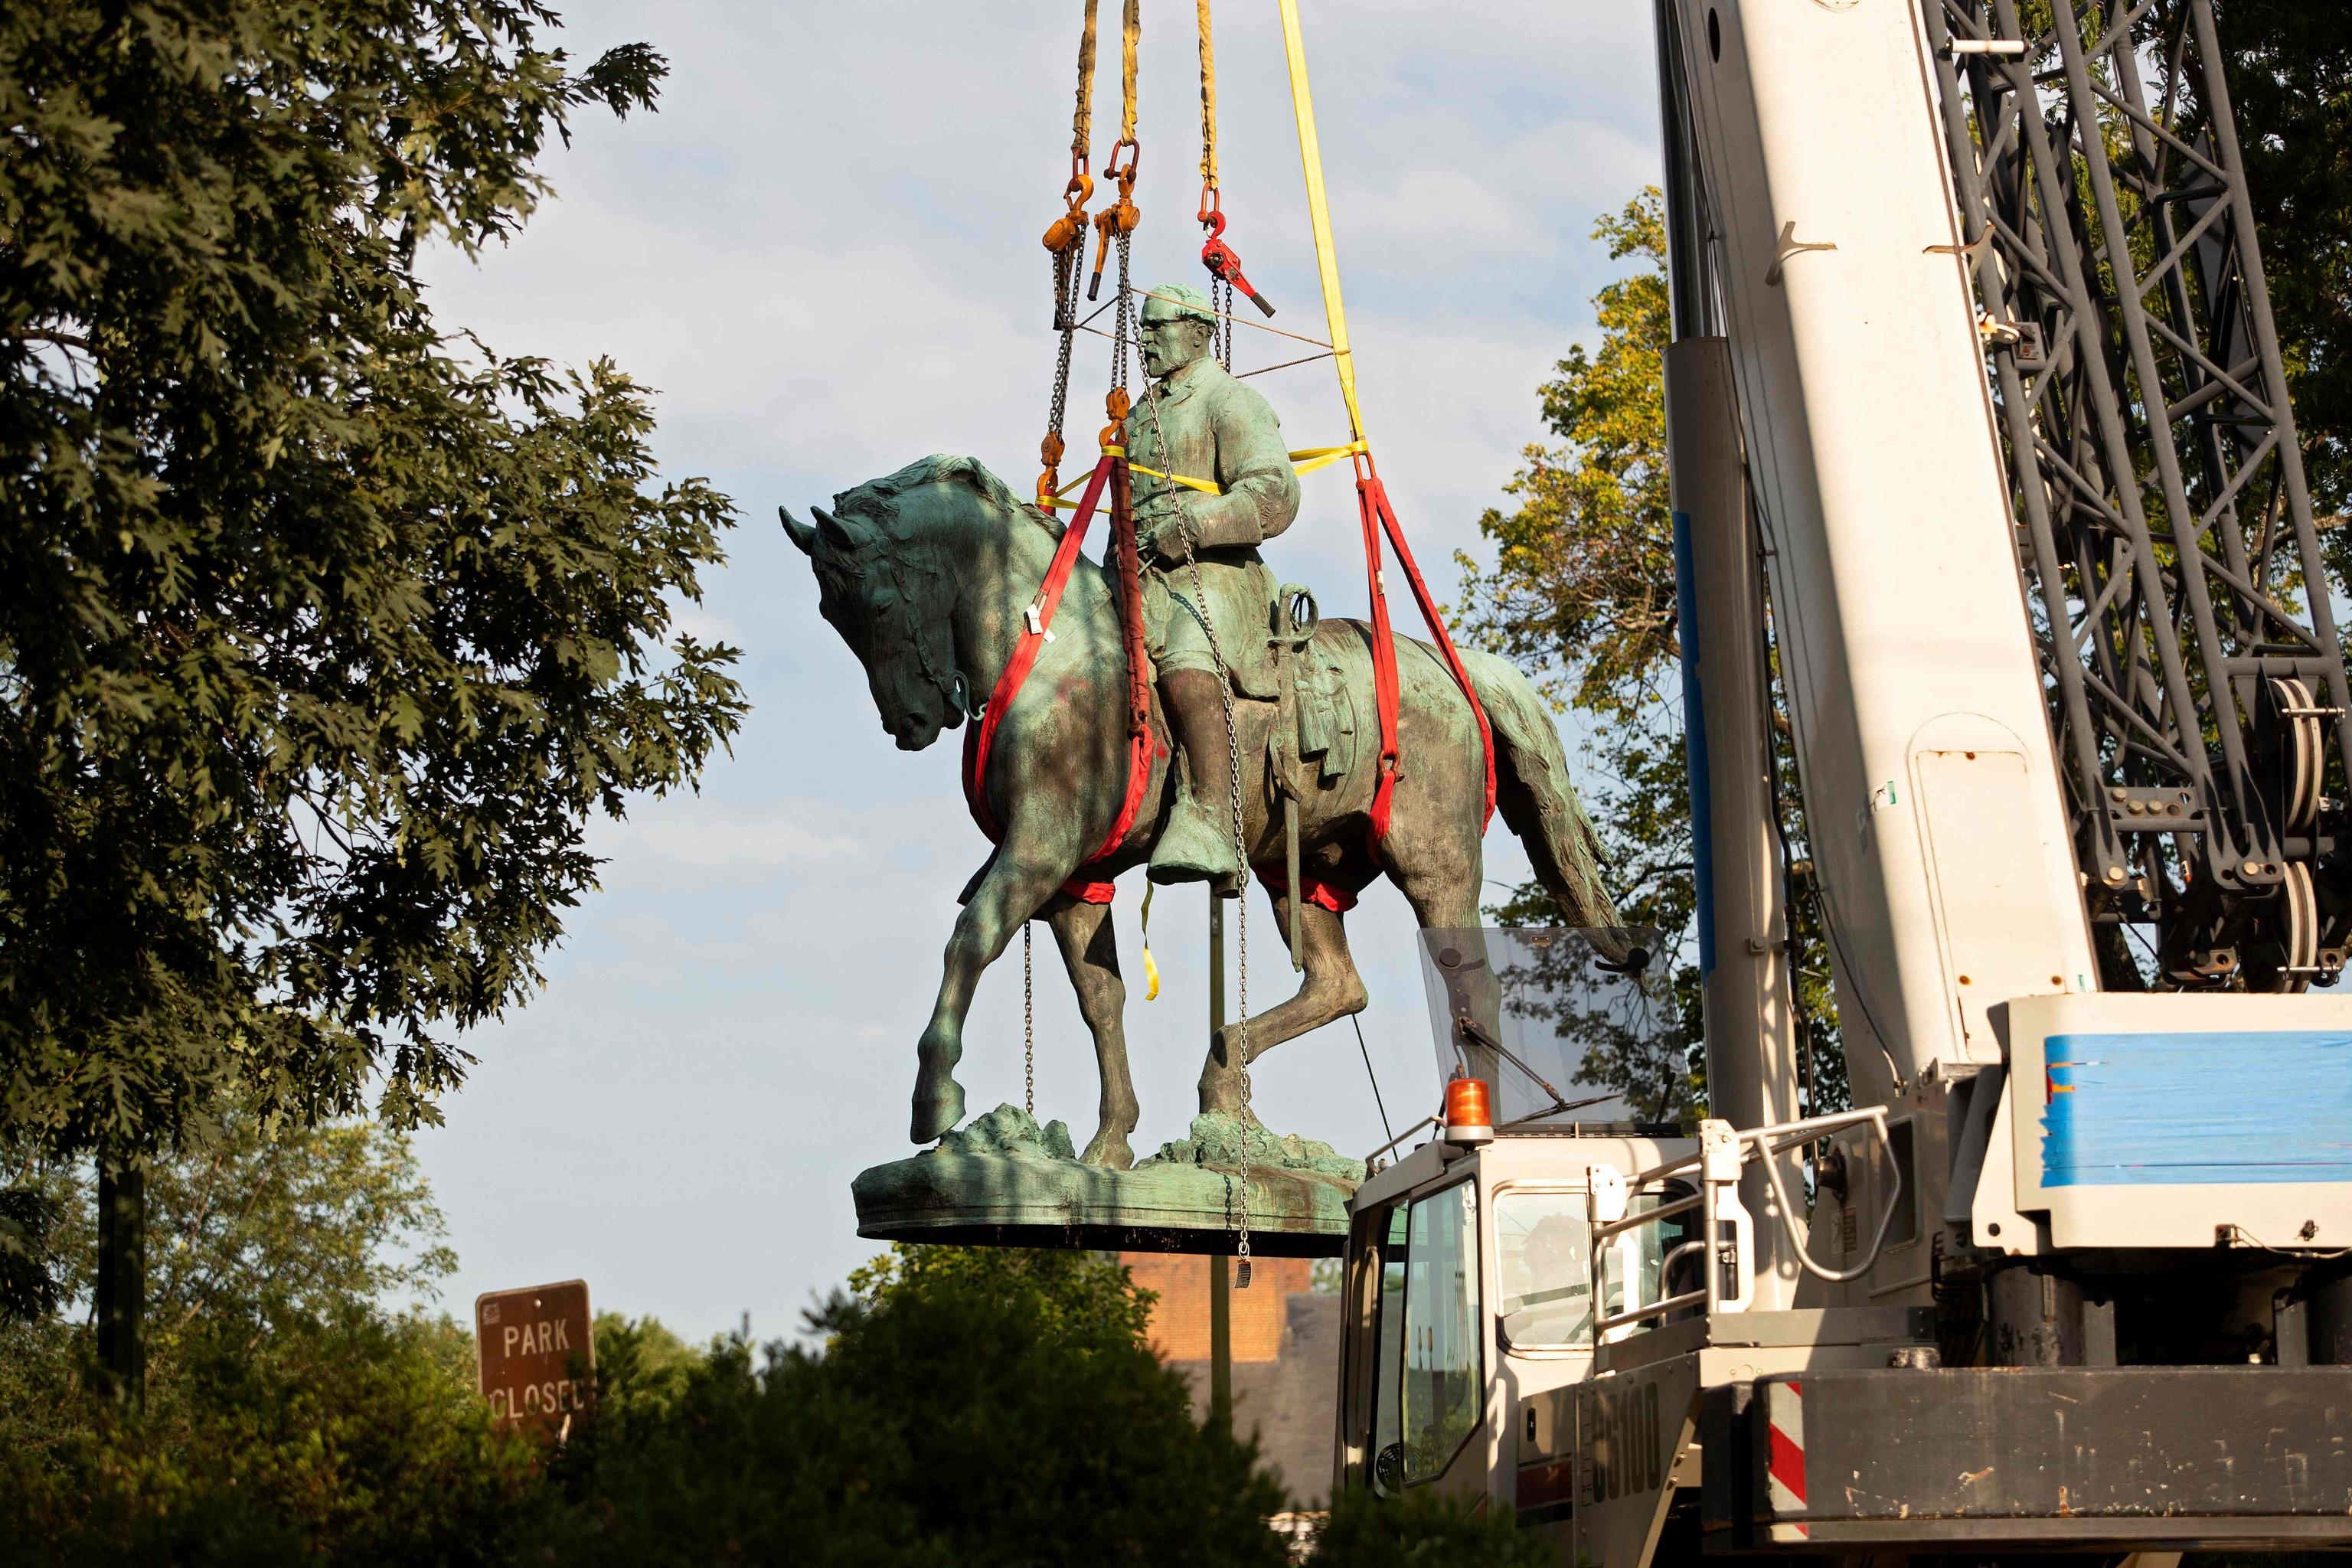 Una grúa retira la estatua del general Robert E. Lee.